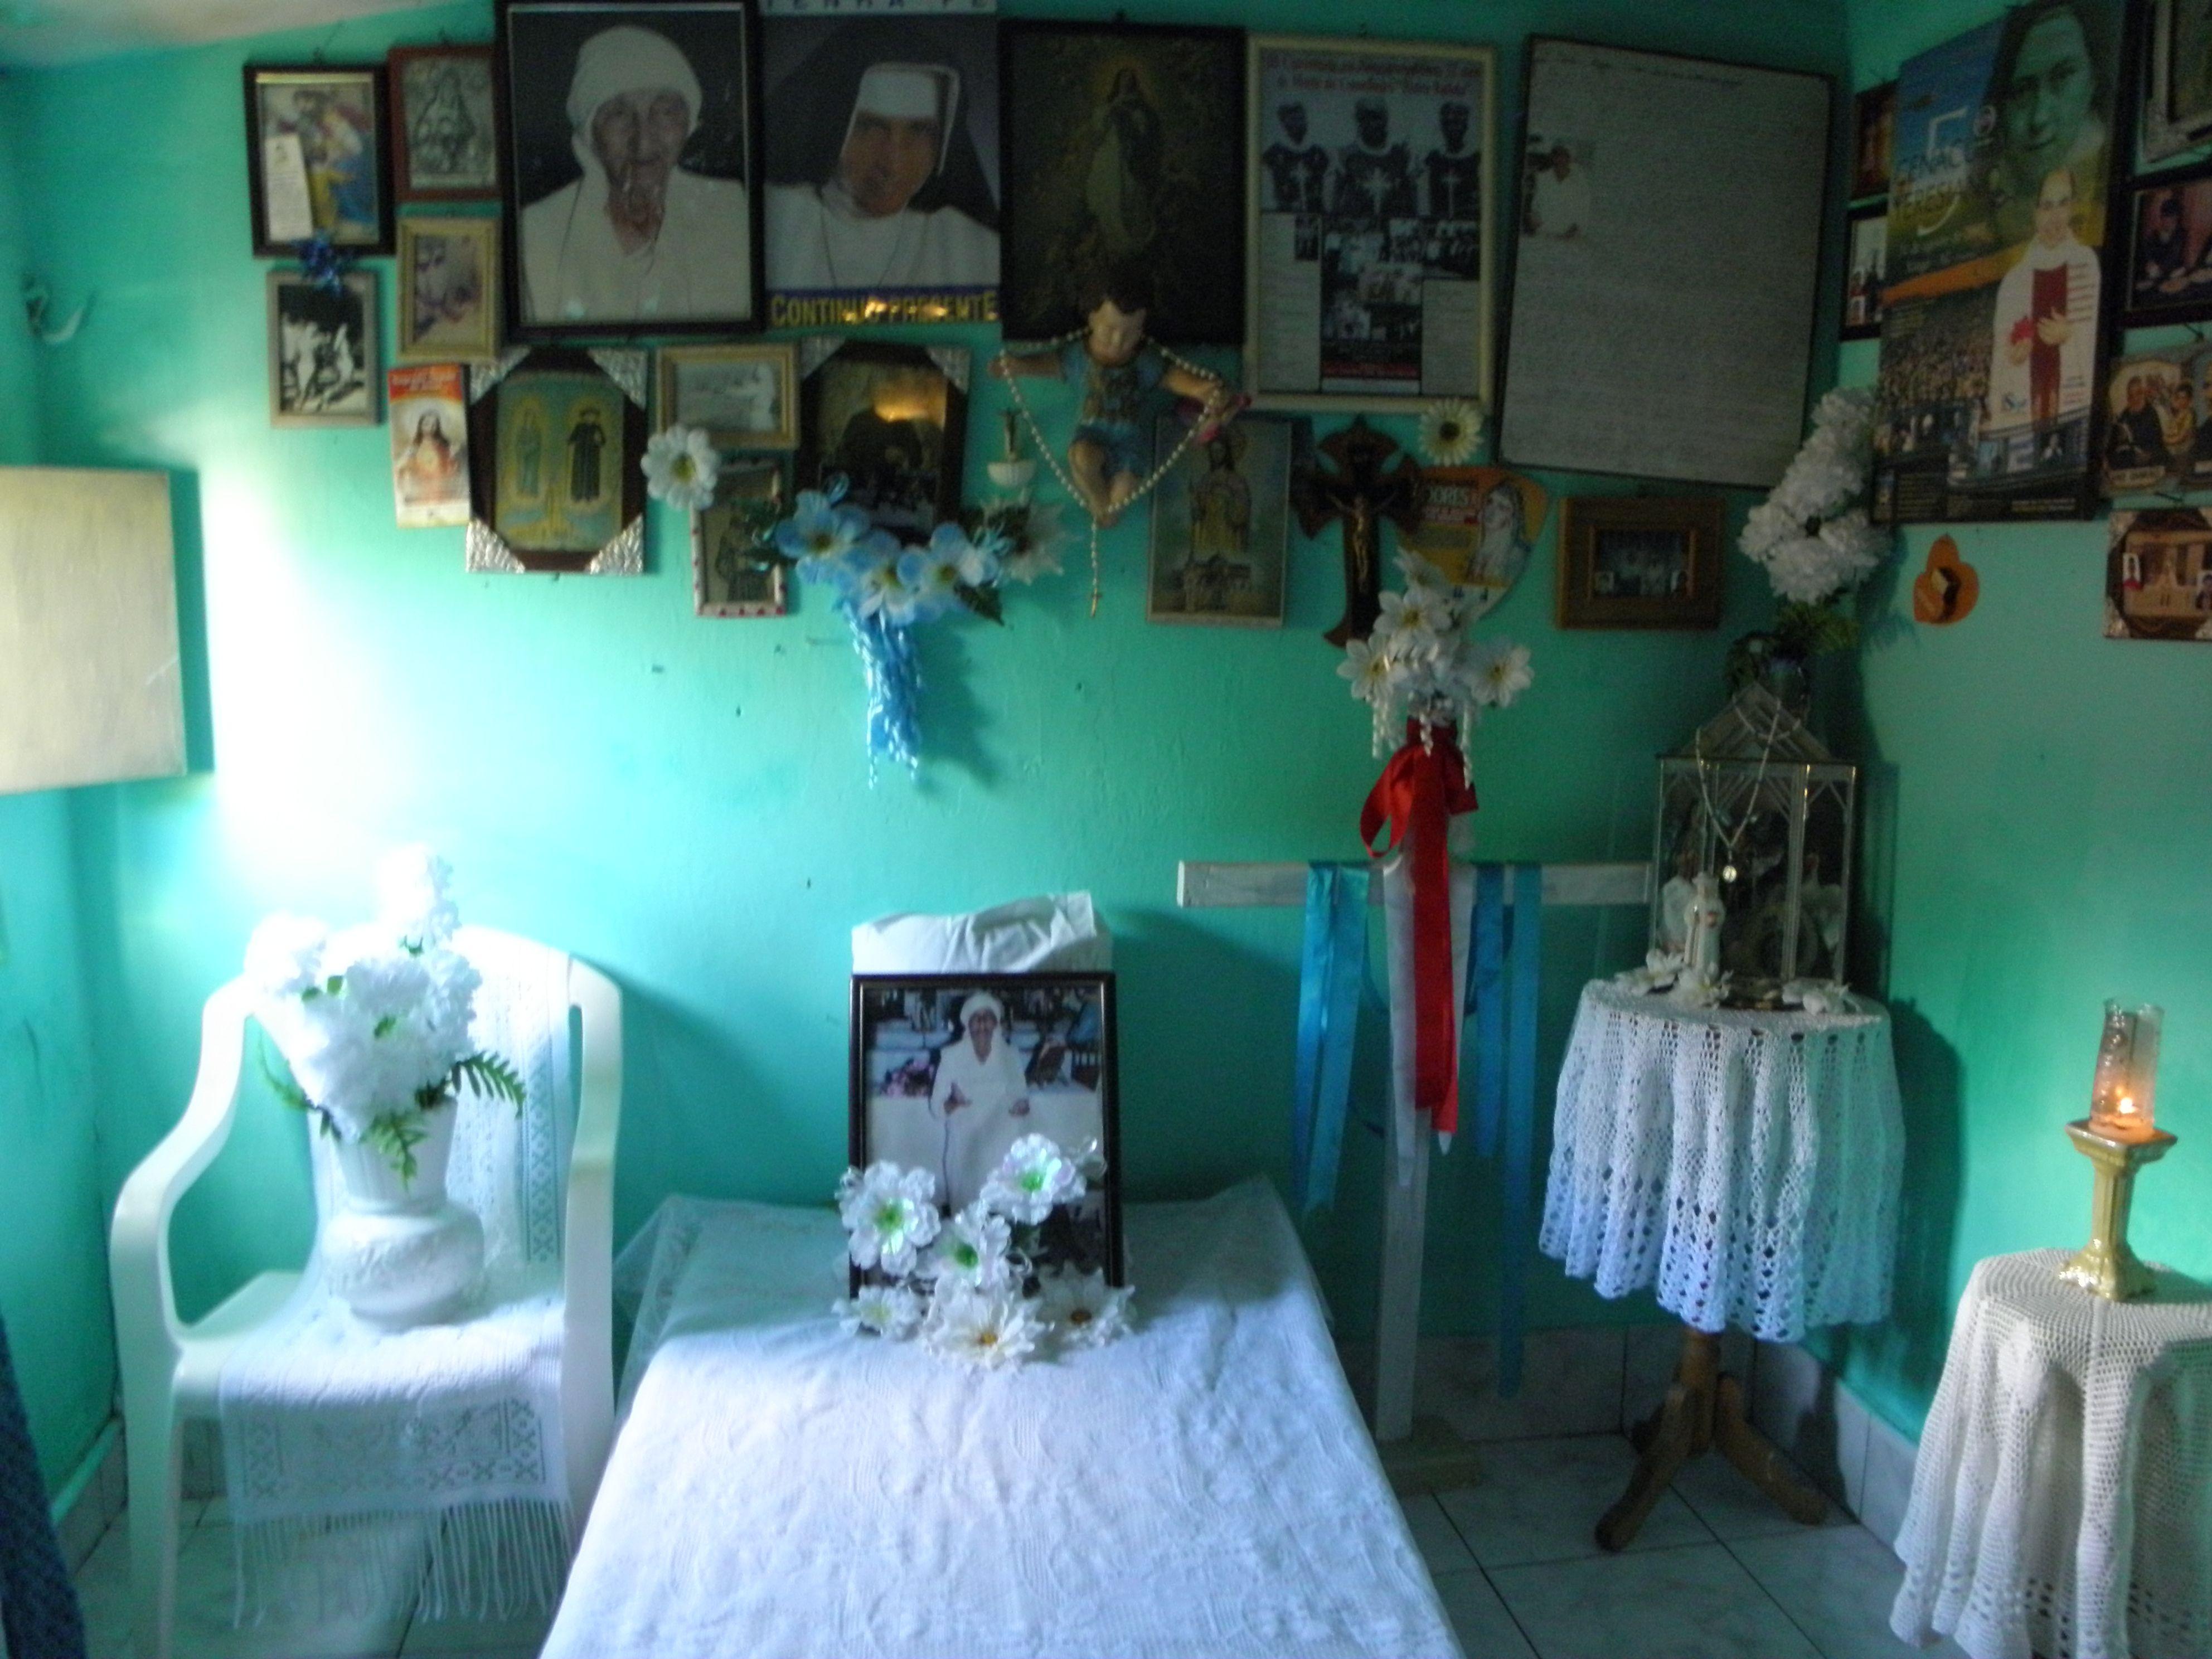 quarto da beata Madrinha Dodô em sua casa de Juazeiro do Norte-CE (foto: Eleuda de Carvalho, jan/2011)